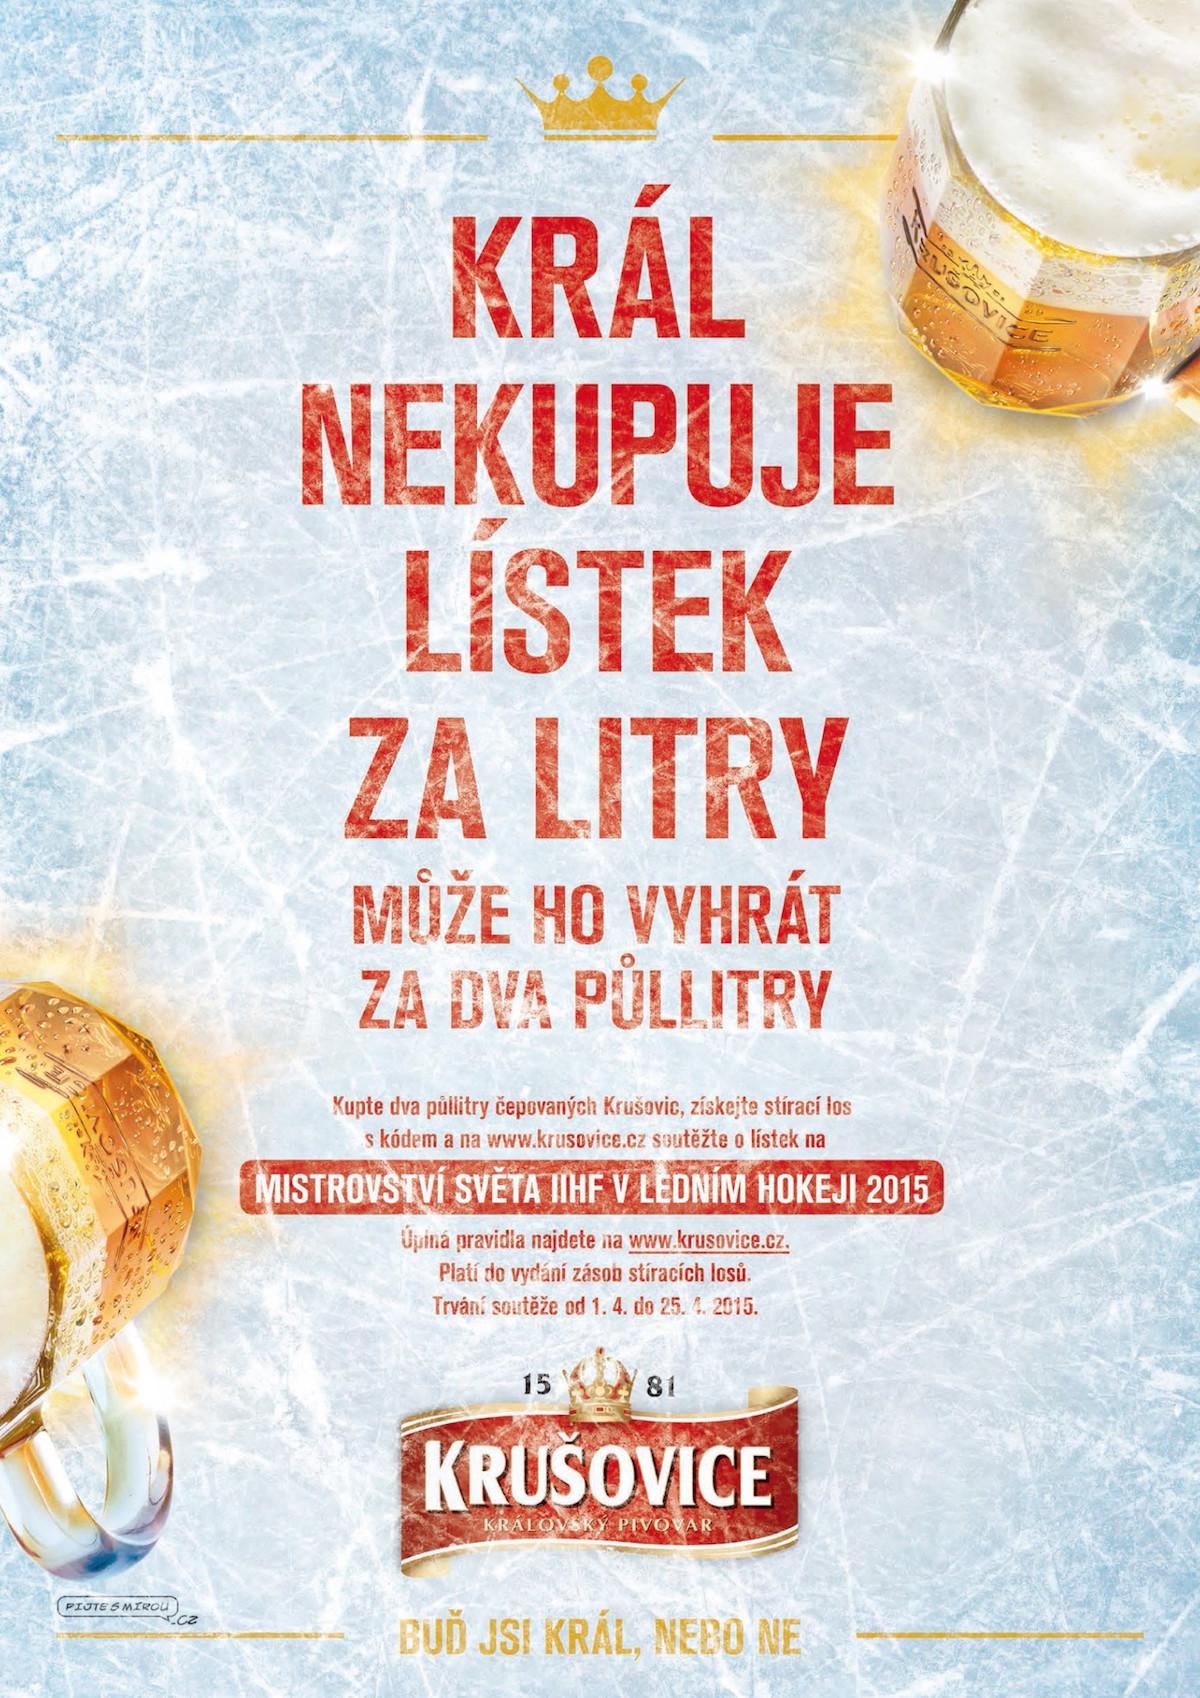 Kampaň značky Krušovice k hokejovému mistrovství